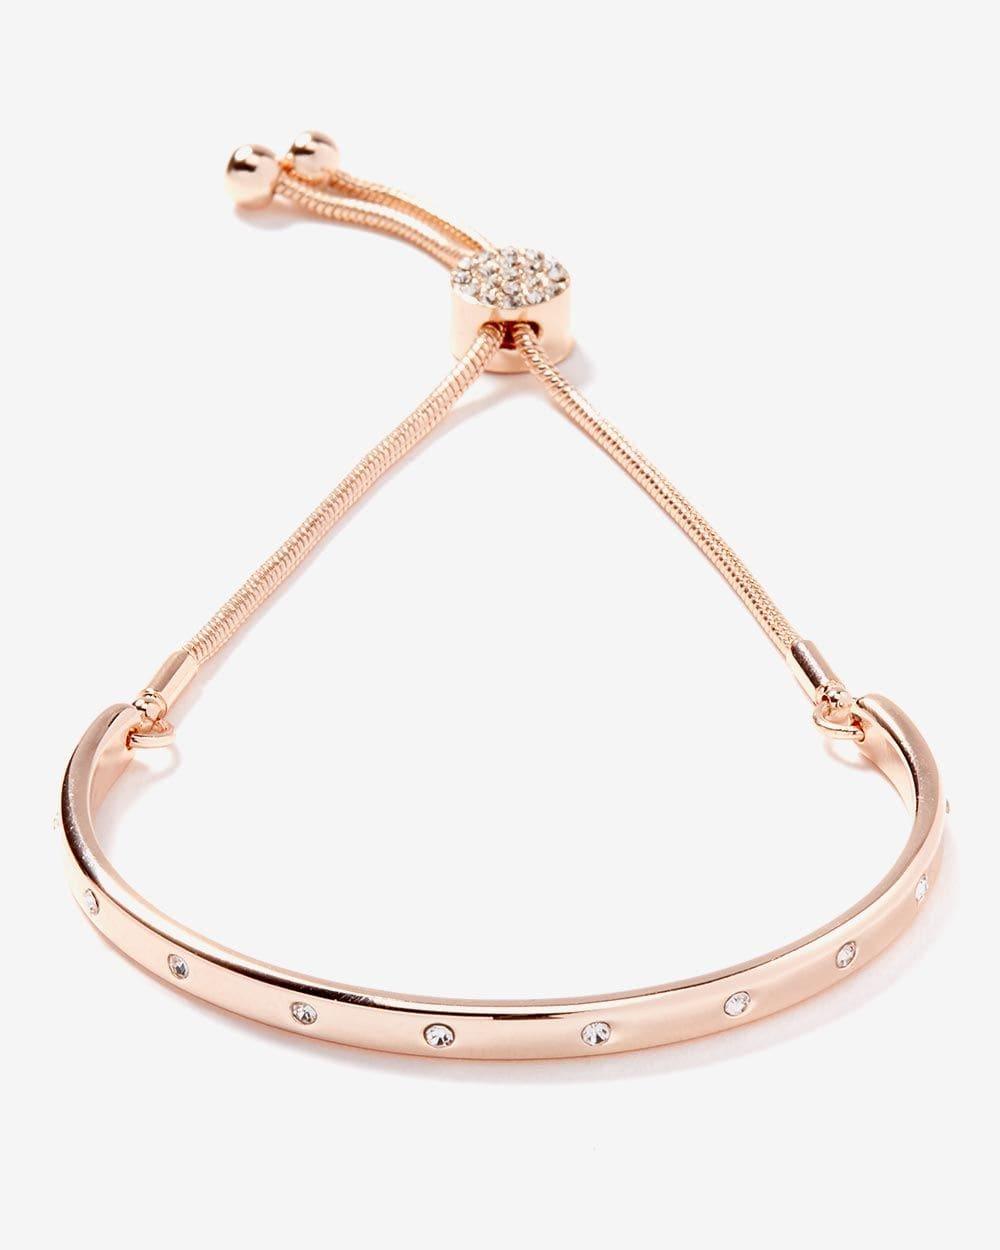 Adjustable Rhinestone Bracelet